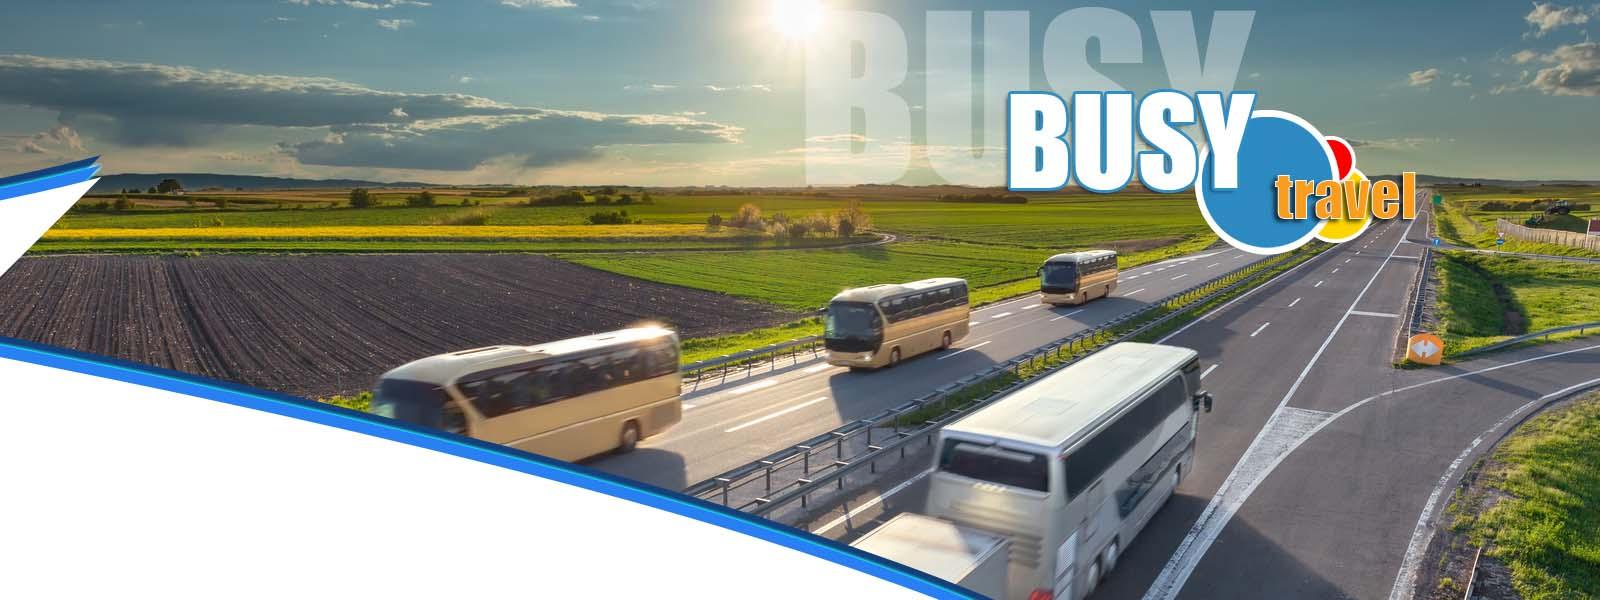 Busy.Travel - Przewozy Międzynarodowe, wynajem busów !